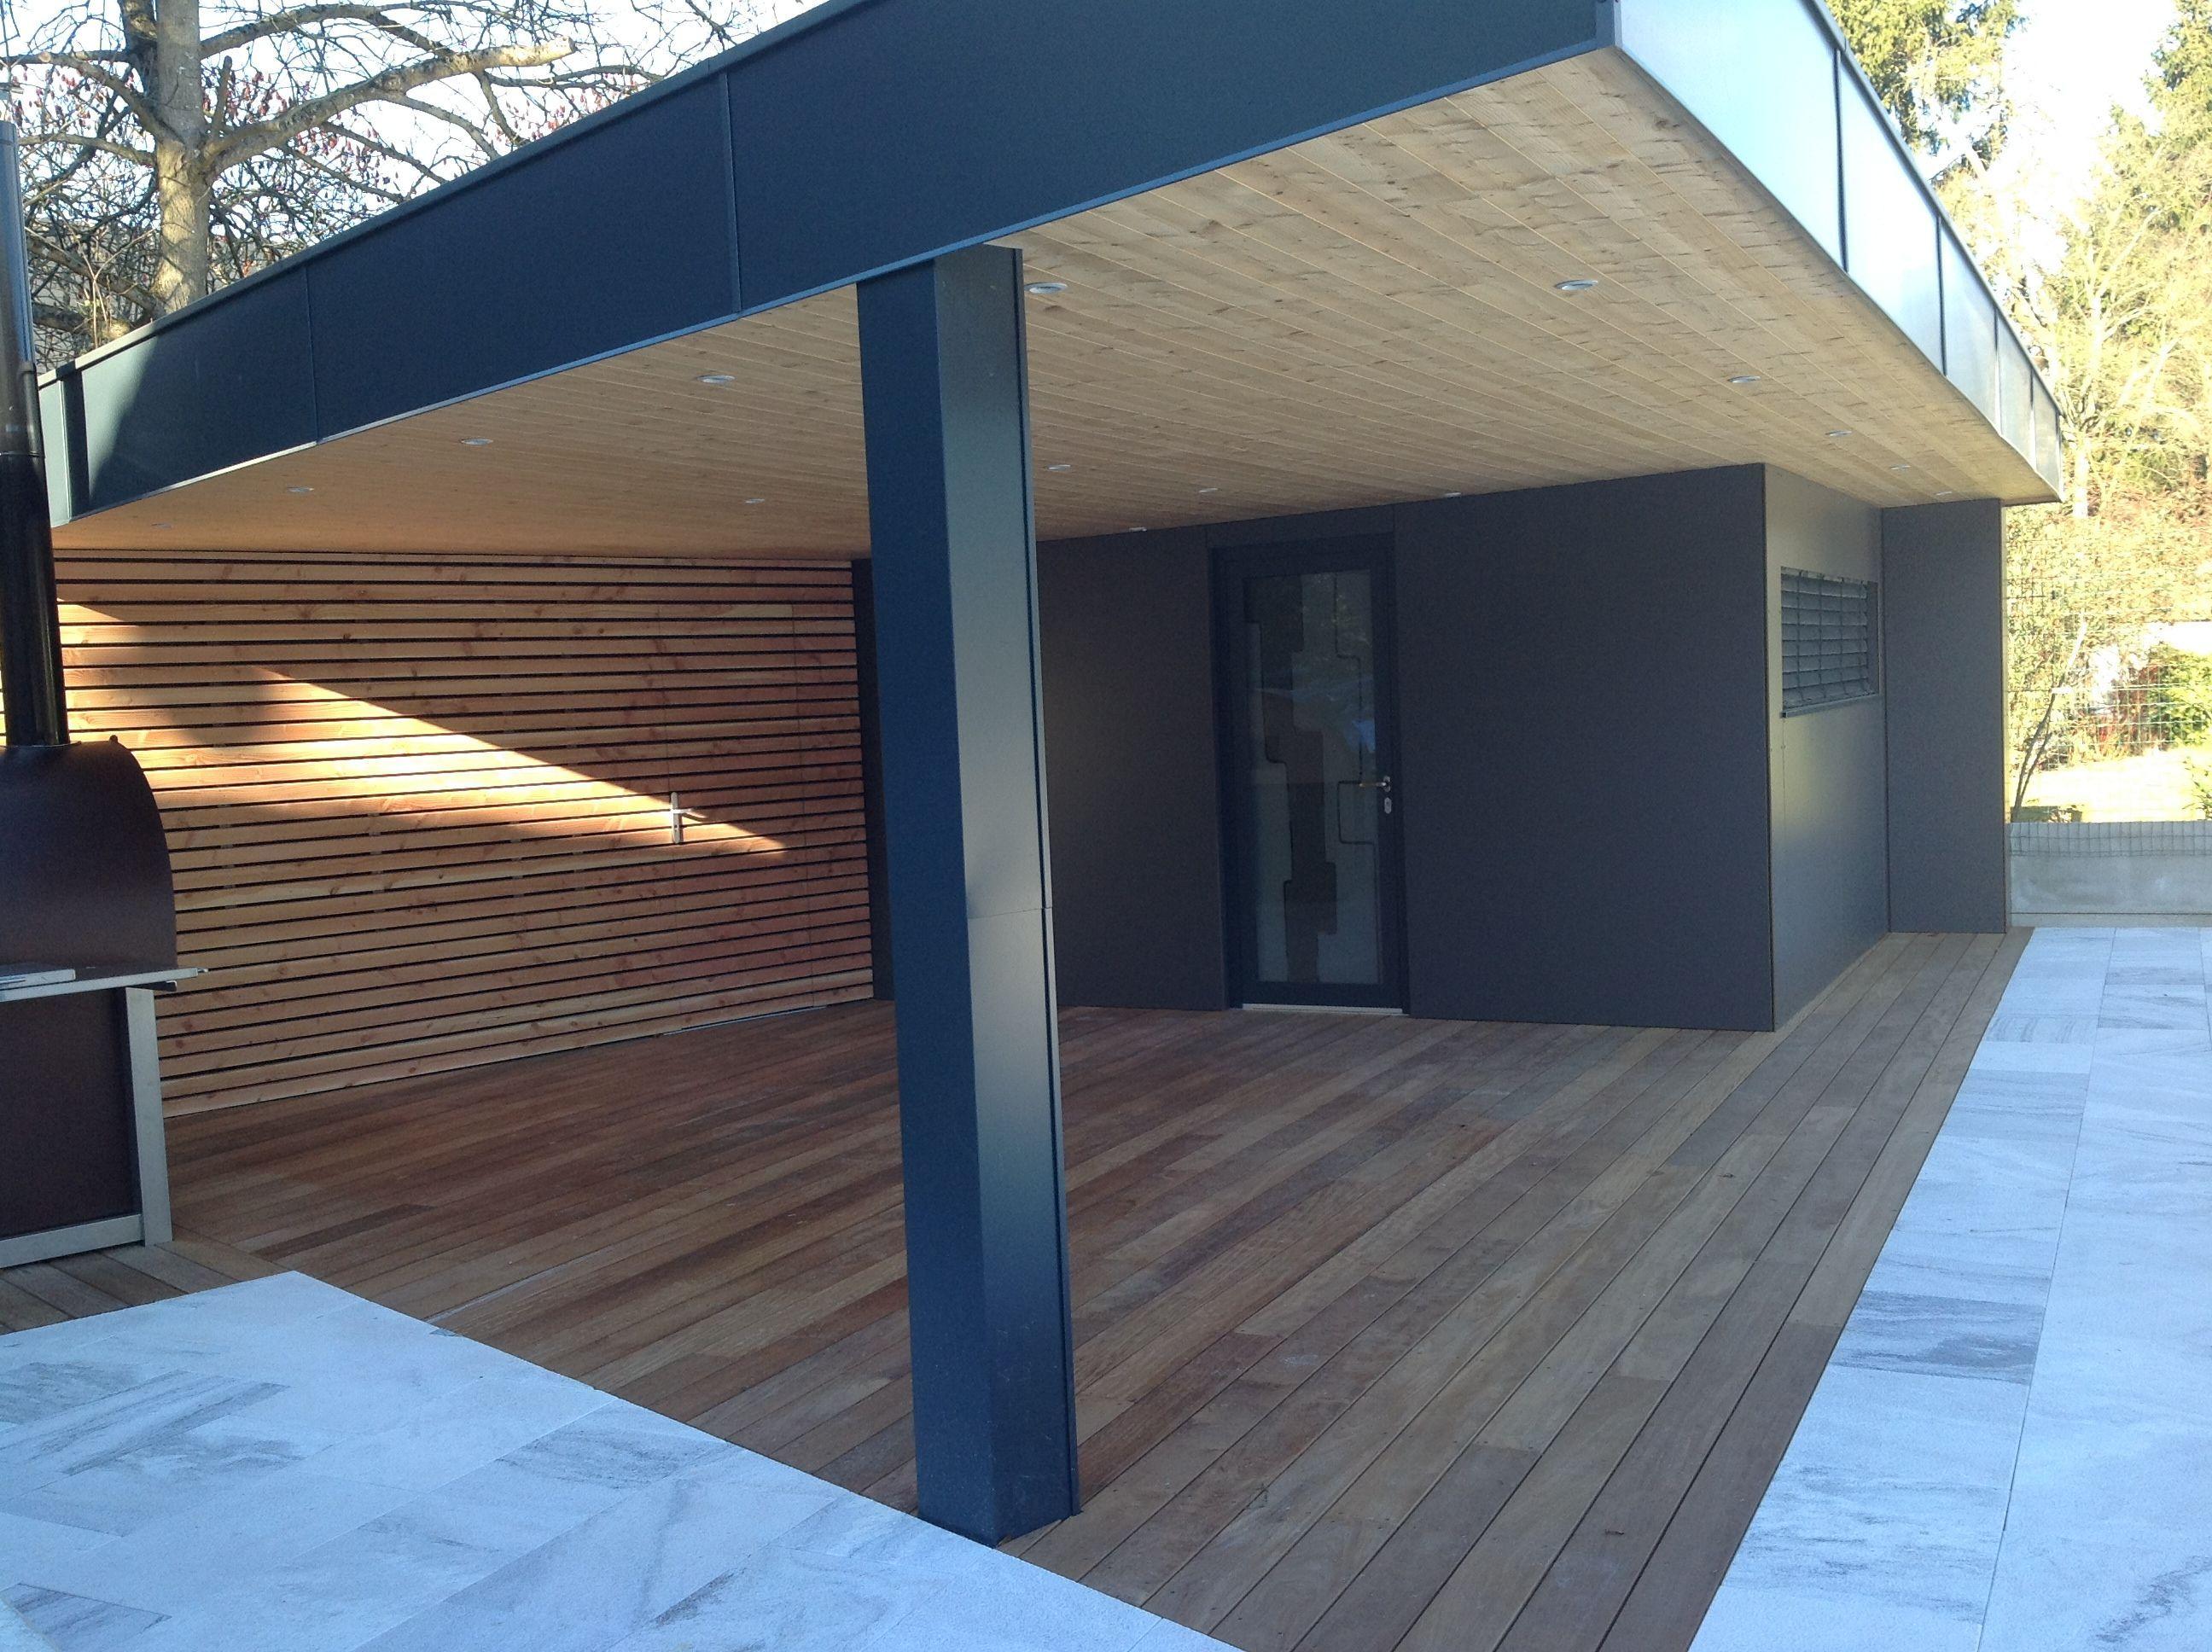 Construction D'un Abri De Jardin Design En Ossature Bois En ... destiné Abri Jardin Design